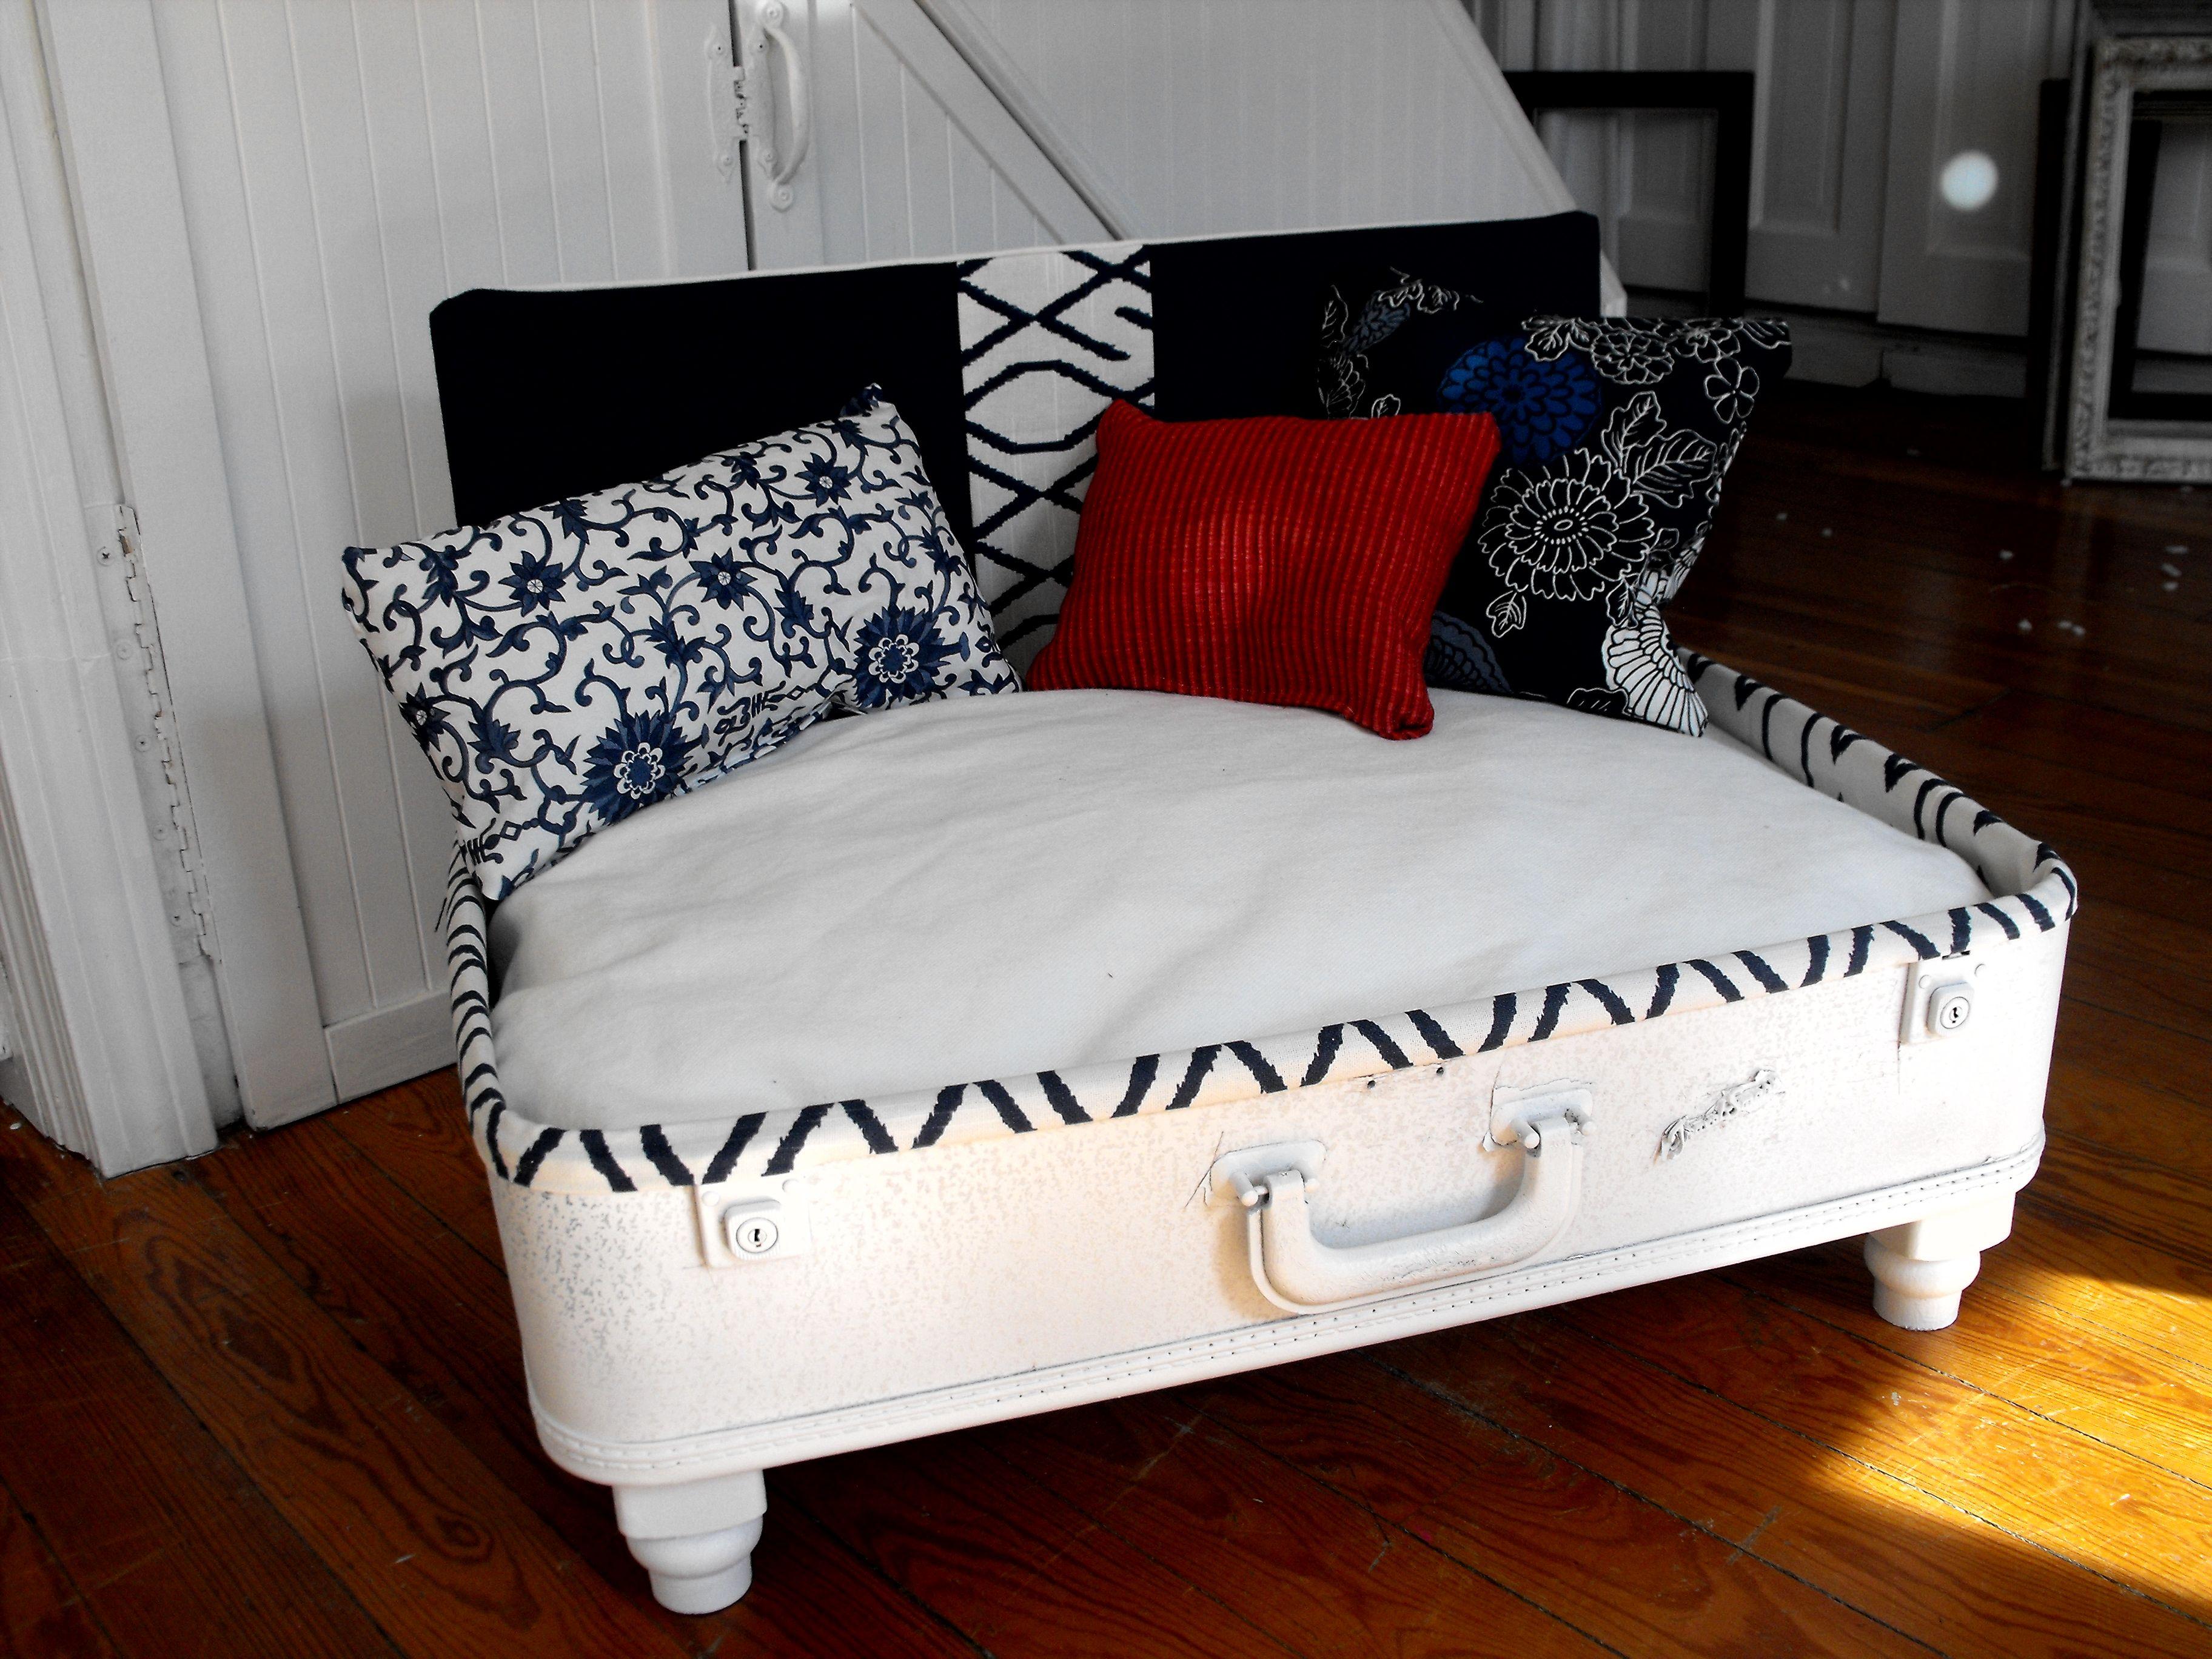 nautical style upcycled dog bed vintage suitcase Dog bed